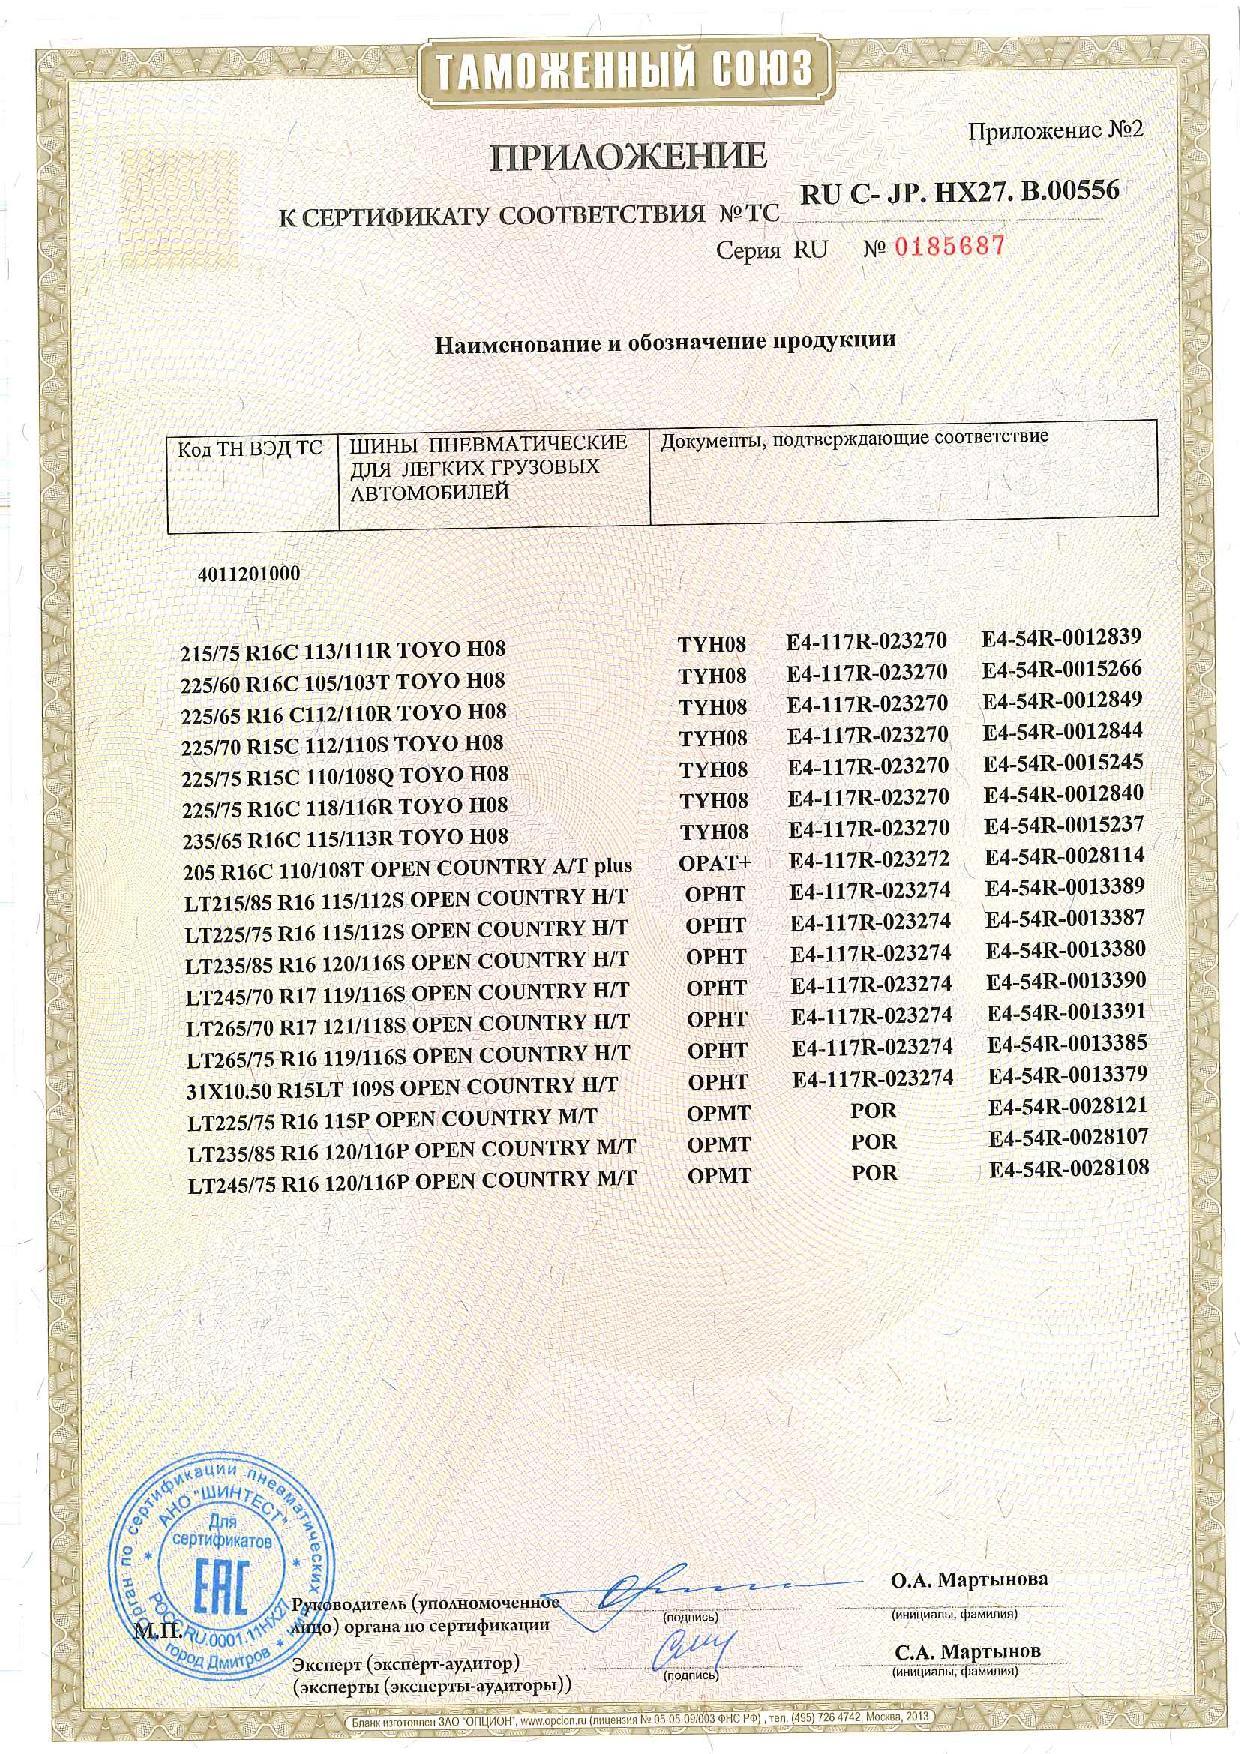 Приложение к сертификату соответствия для шины